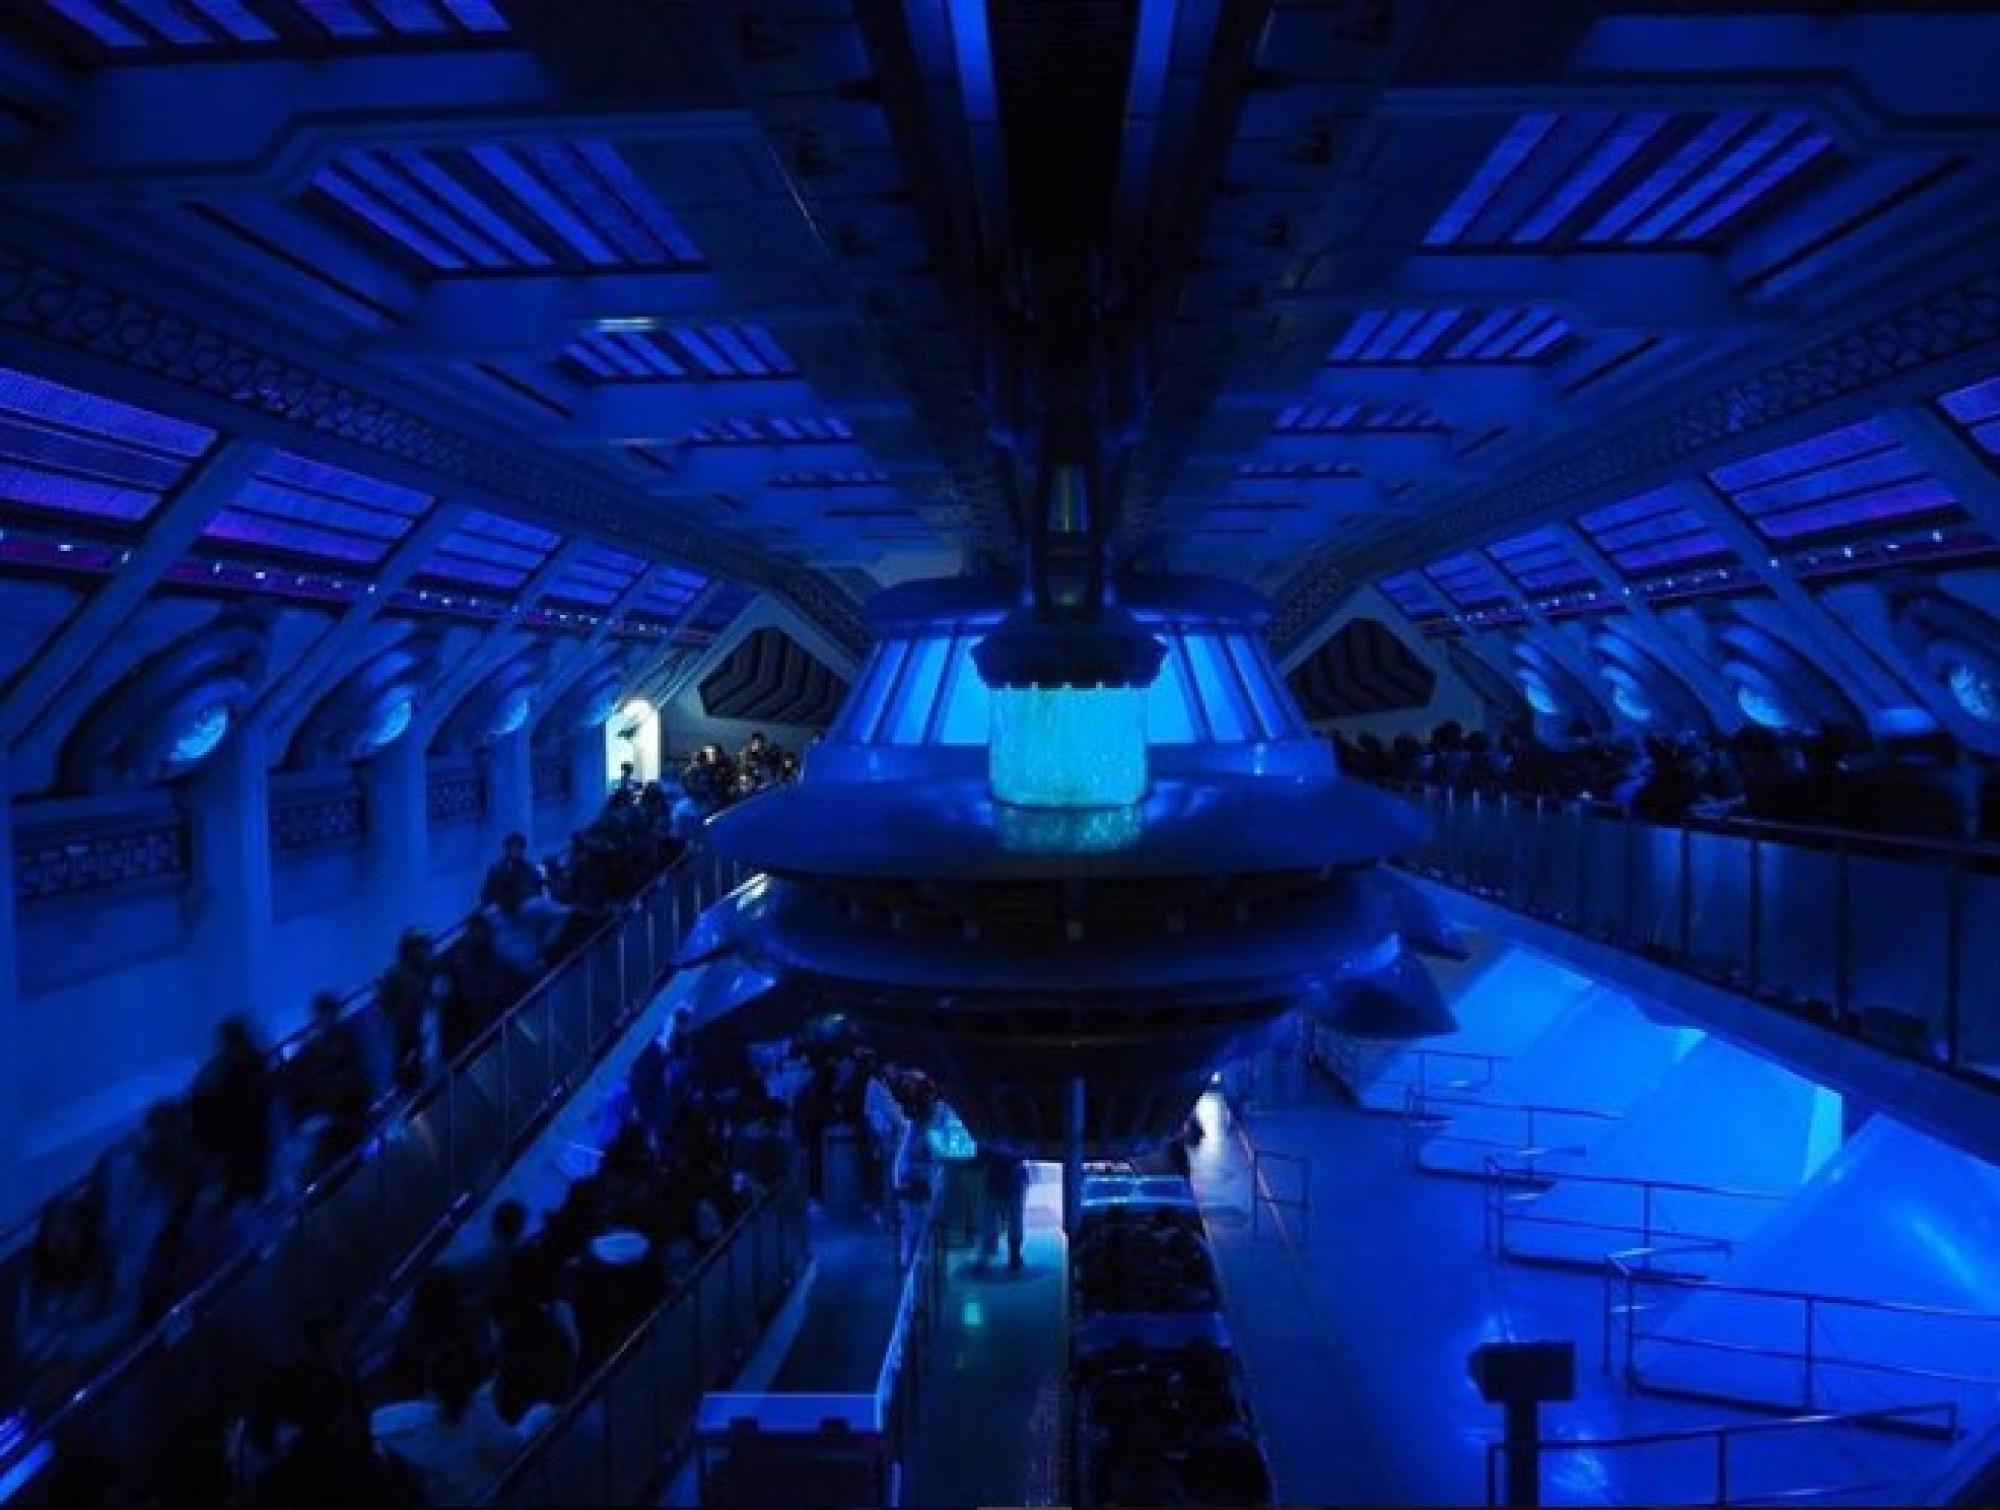 スペースマウンテンの宇宙船